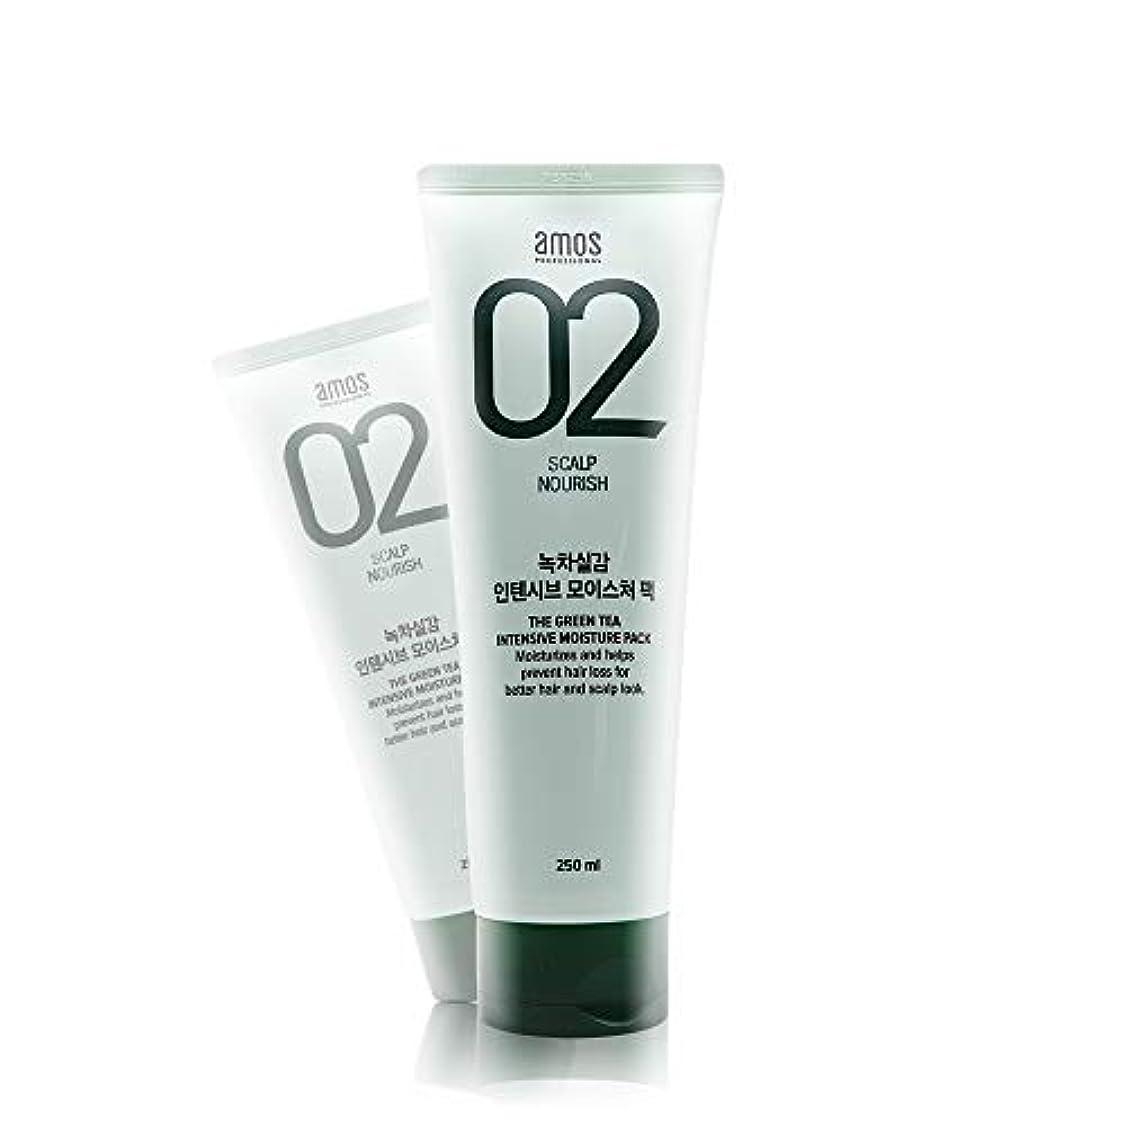 ピア毒液投げ捨てるアモス AMOS 緑茶実感インテンシブモイスチャーパック 250g, Feel the Green Tea Intensive Moisture Hair Pack